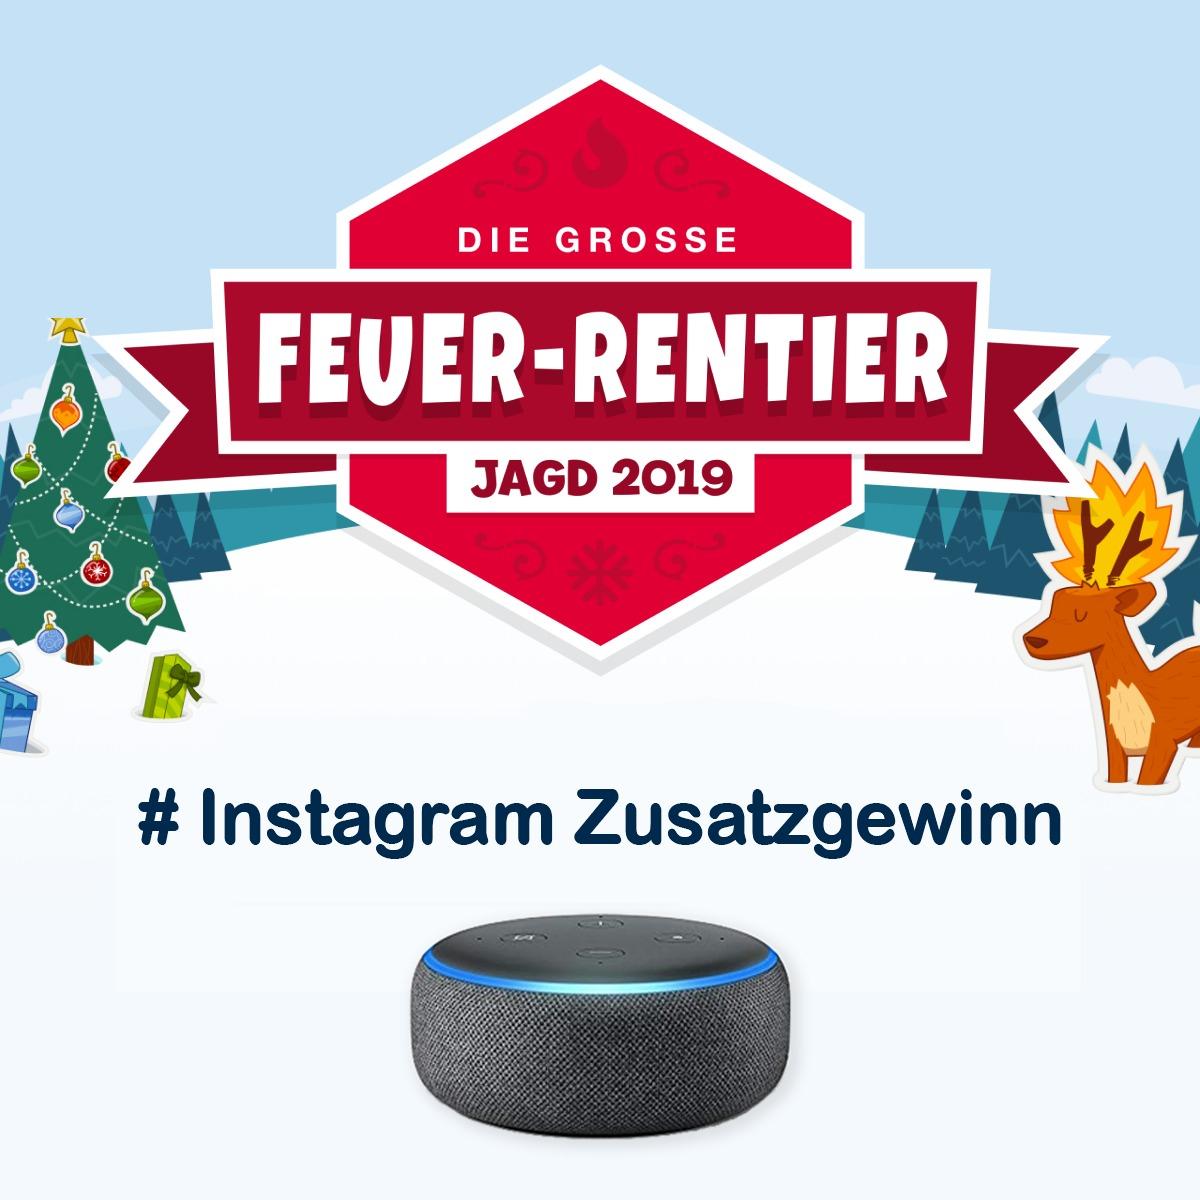 Weihnachtliche Feuer-Rentier-Jagd: Instagram Zusatzgewinn - 3 x Echo Dot Gen. 3